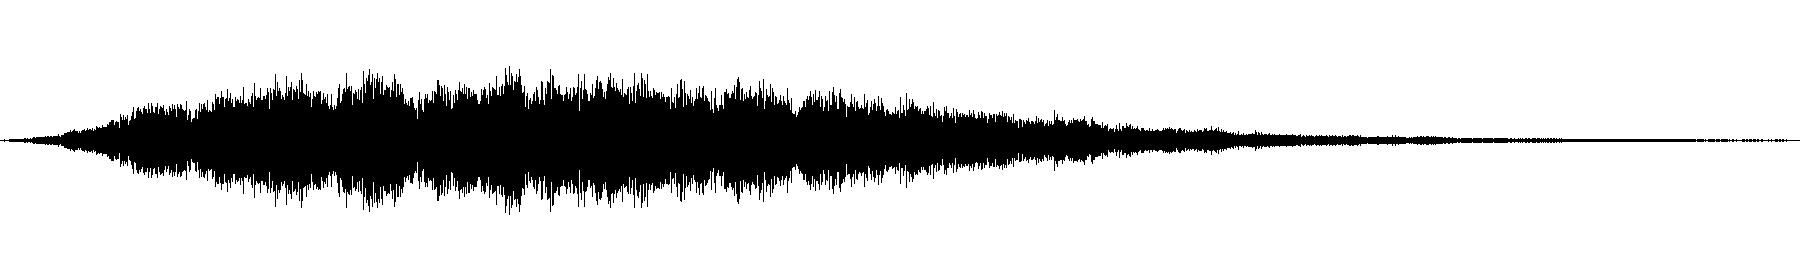 synth choir g7